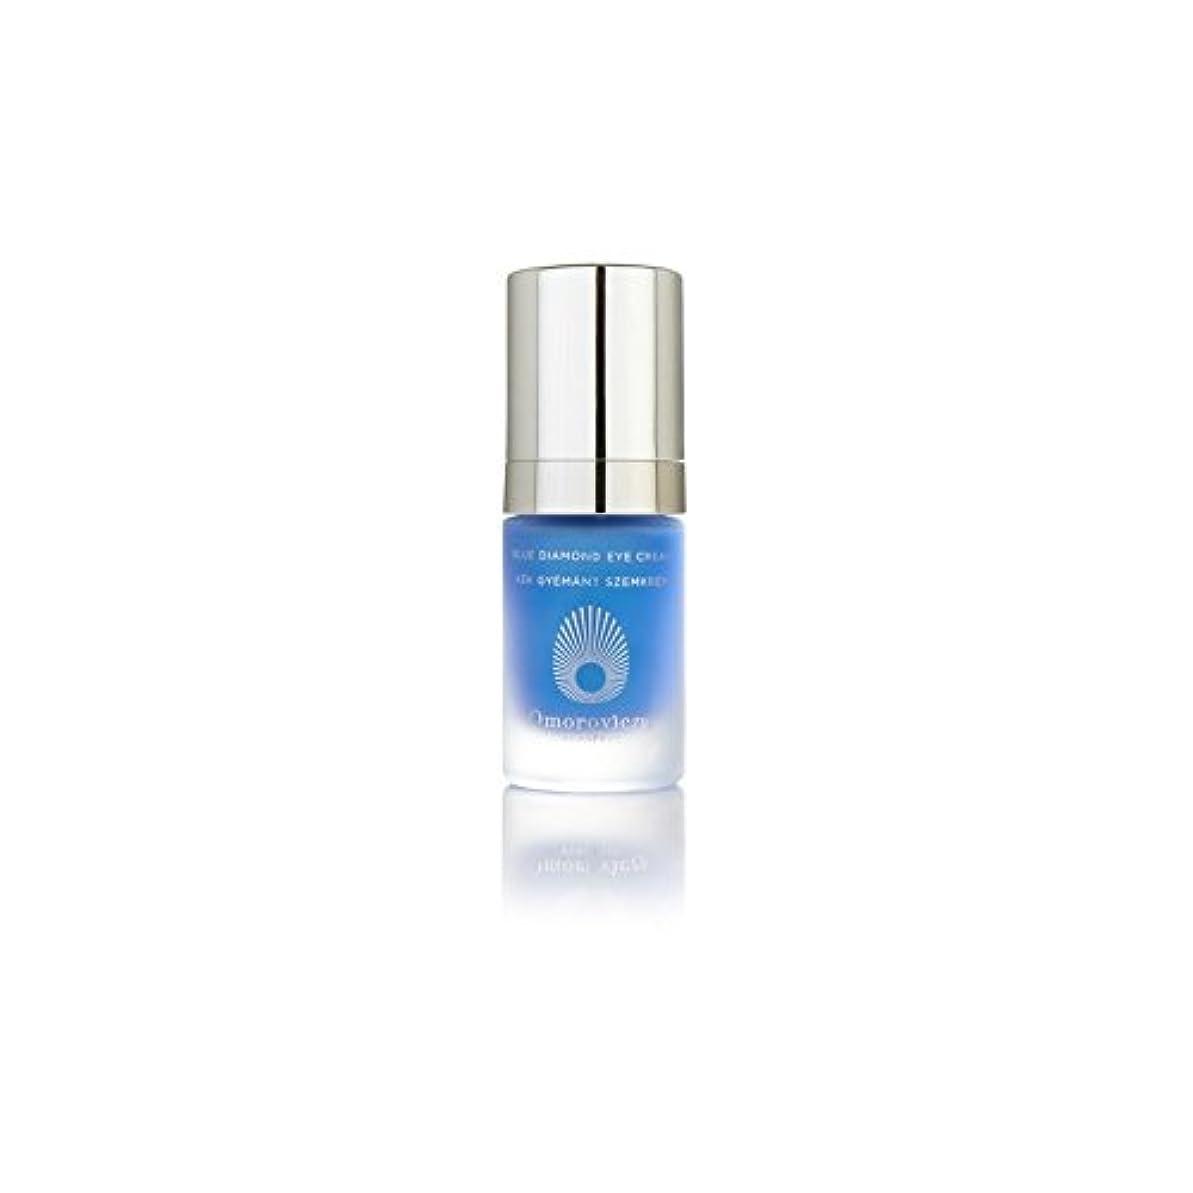 調停するスピン精緻化Omorovicza Blue Diamond Eye Cream (15ml) - ブルーダイヤモンドアイクリーム(15ミリリットル) [並行輸入品]